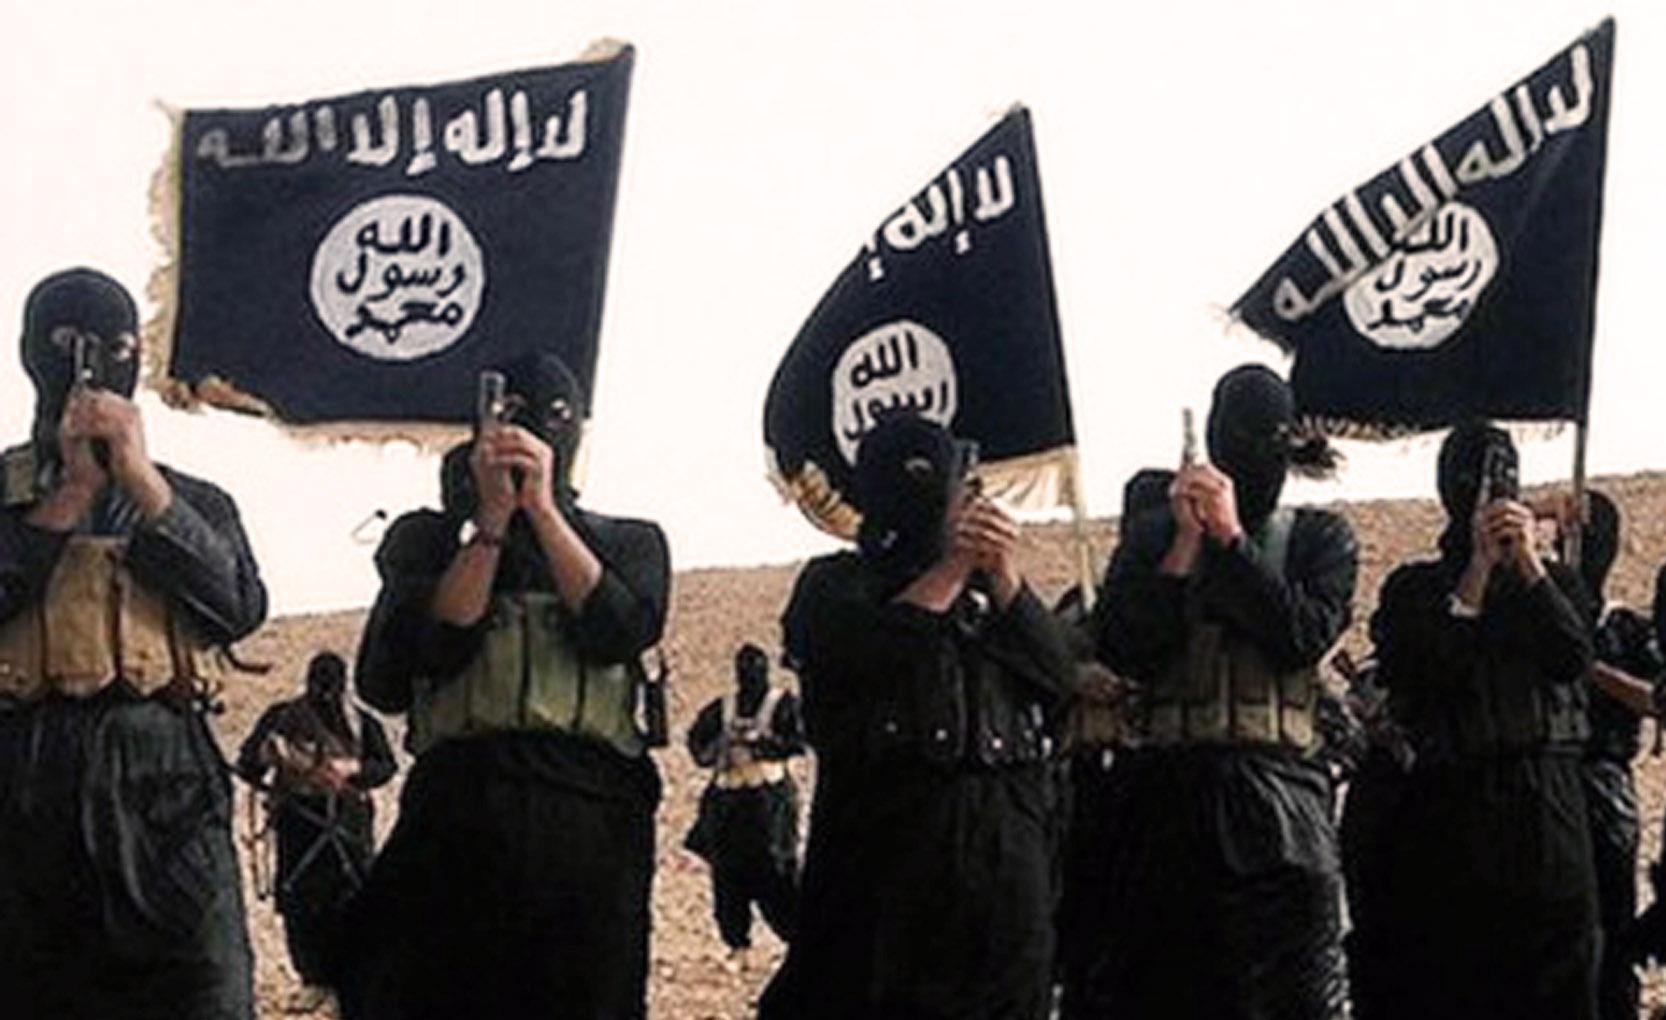 Terrorismo islamico: cenni storici